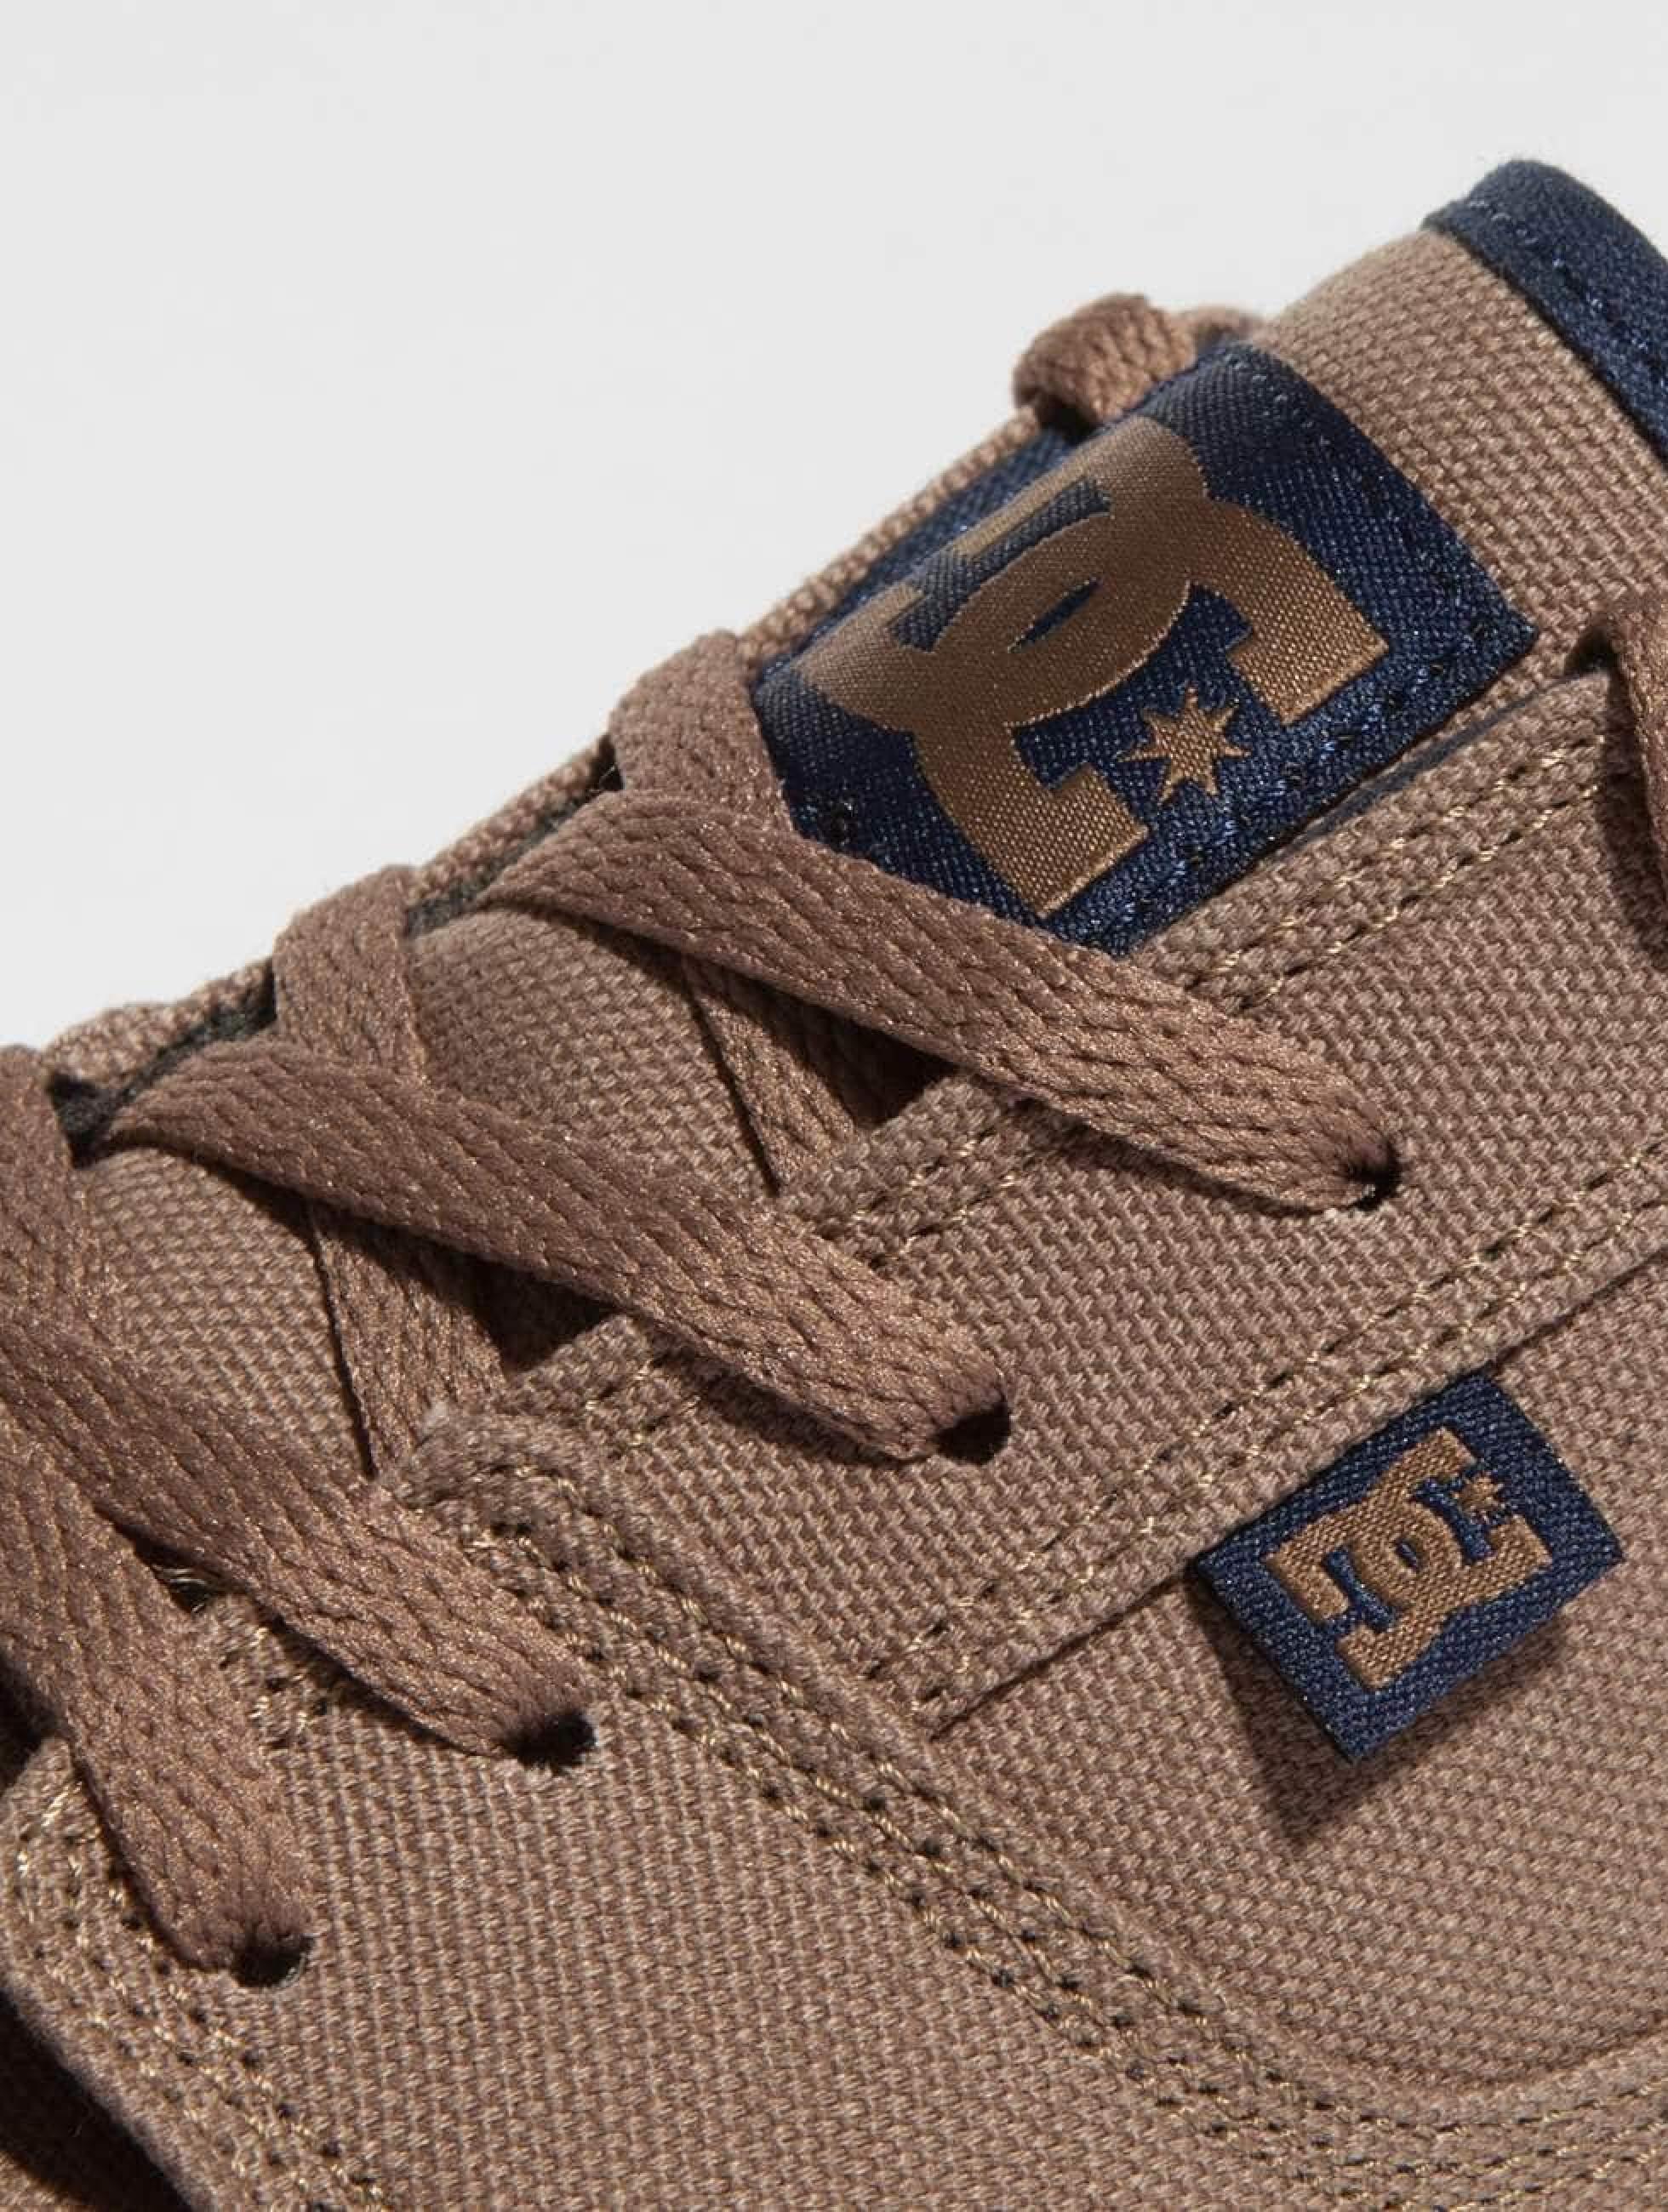 DC Herren Schuhe / Sneaker  Tonik TX